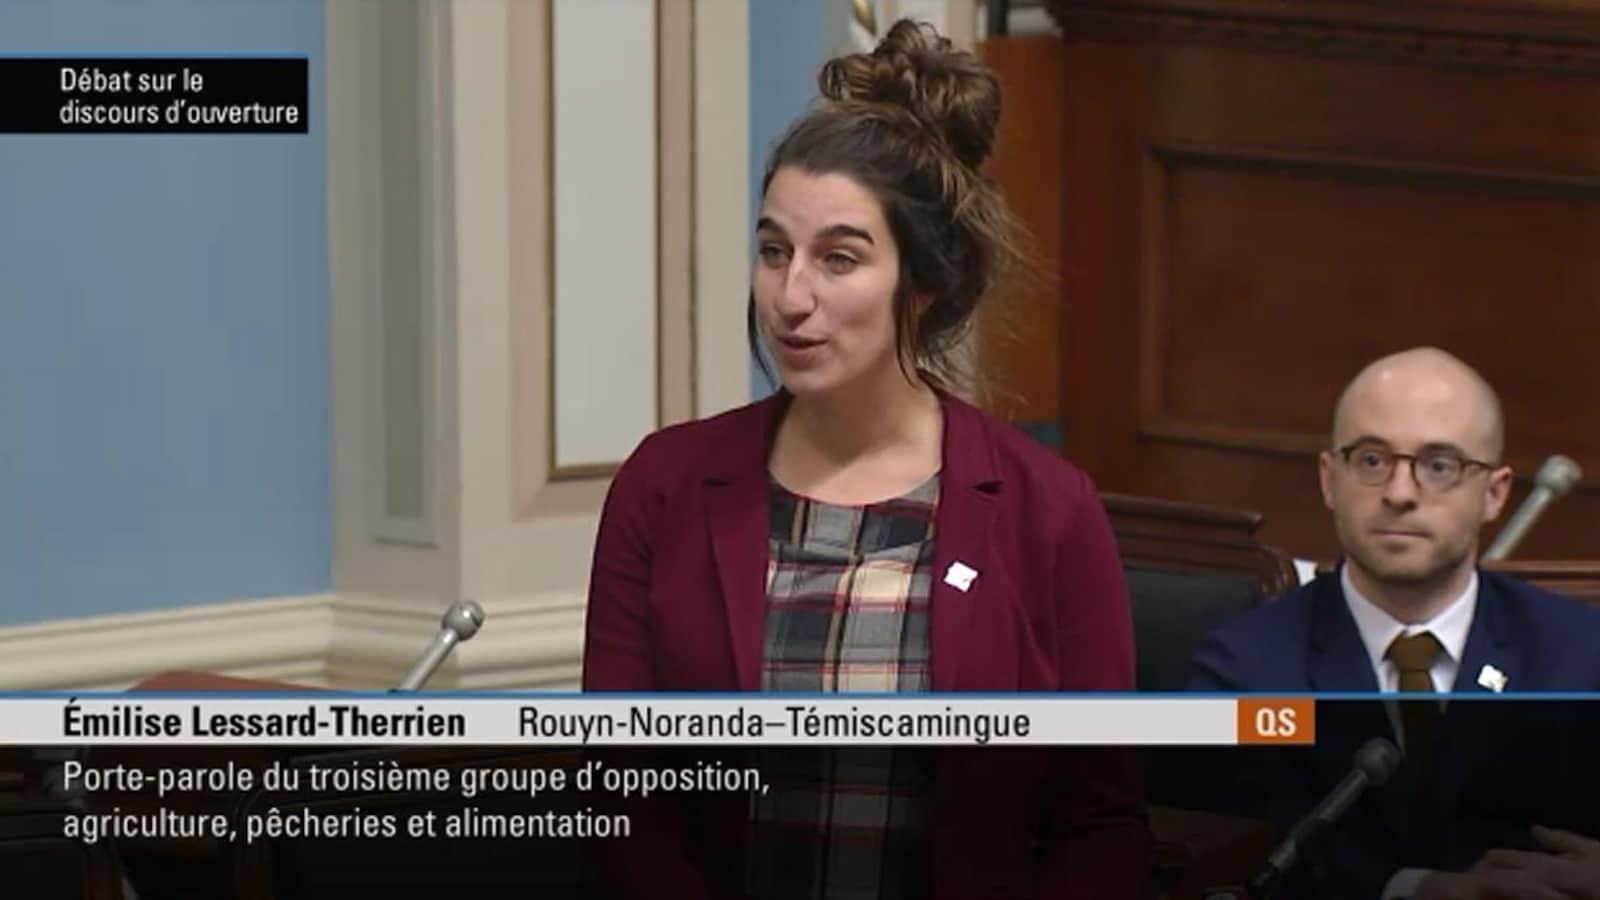 La députée Émilise Lessard-Therrien livre un discours à l'Assemblée nationale.